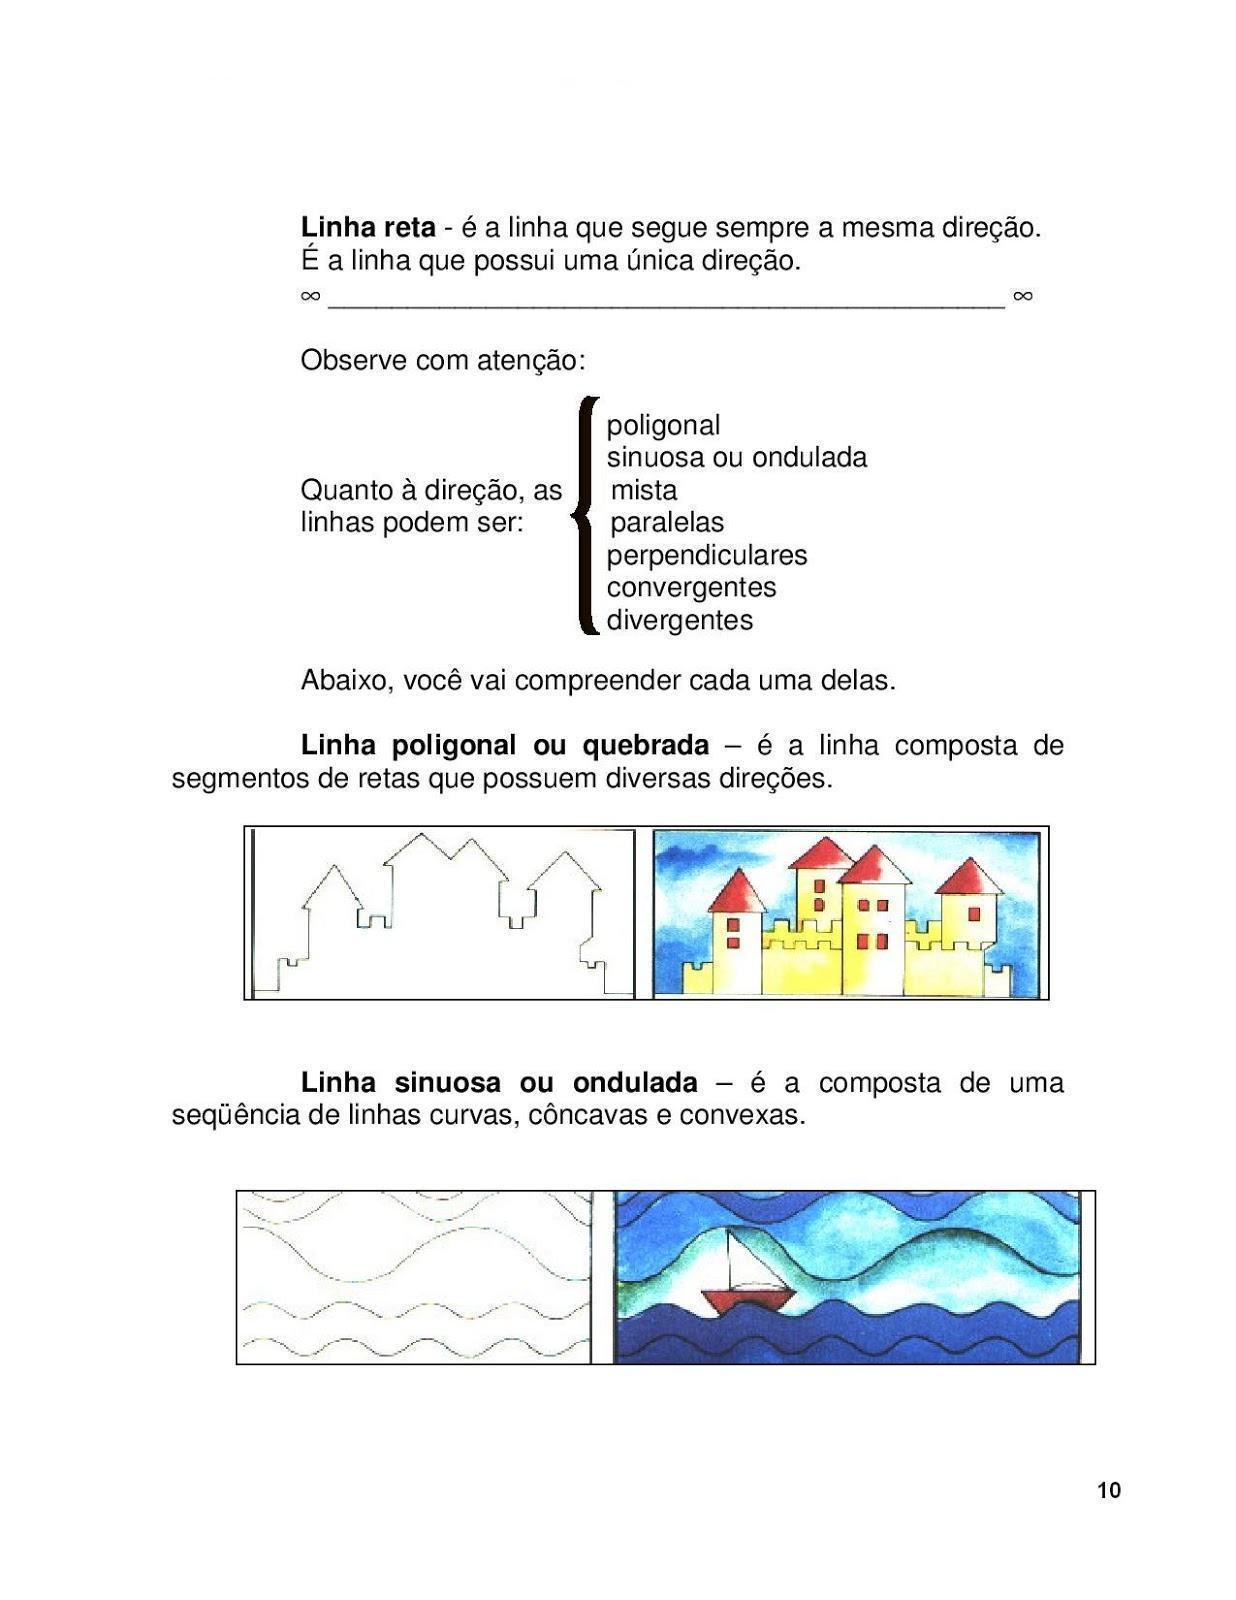 atividades de artes com linhas para imprimir 2 - Atividades de artes com linhas para aprendizado infantil